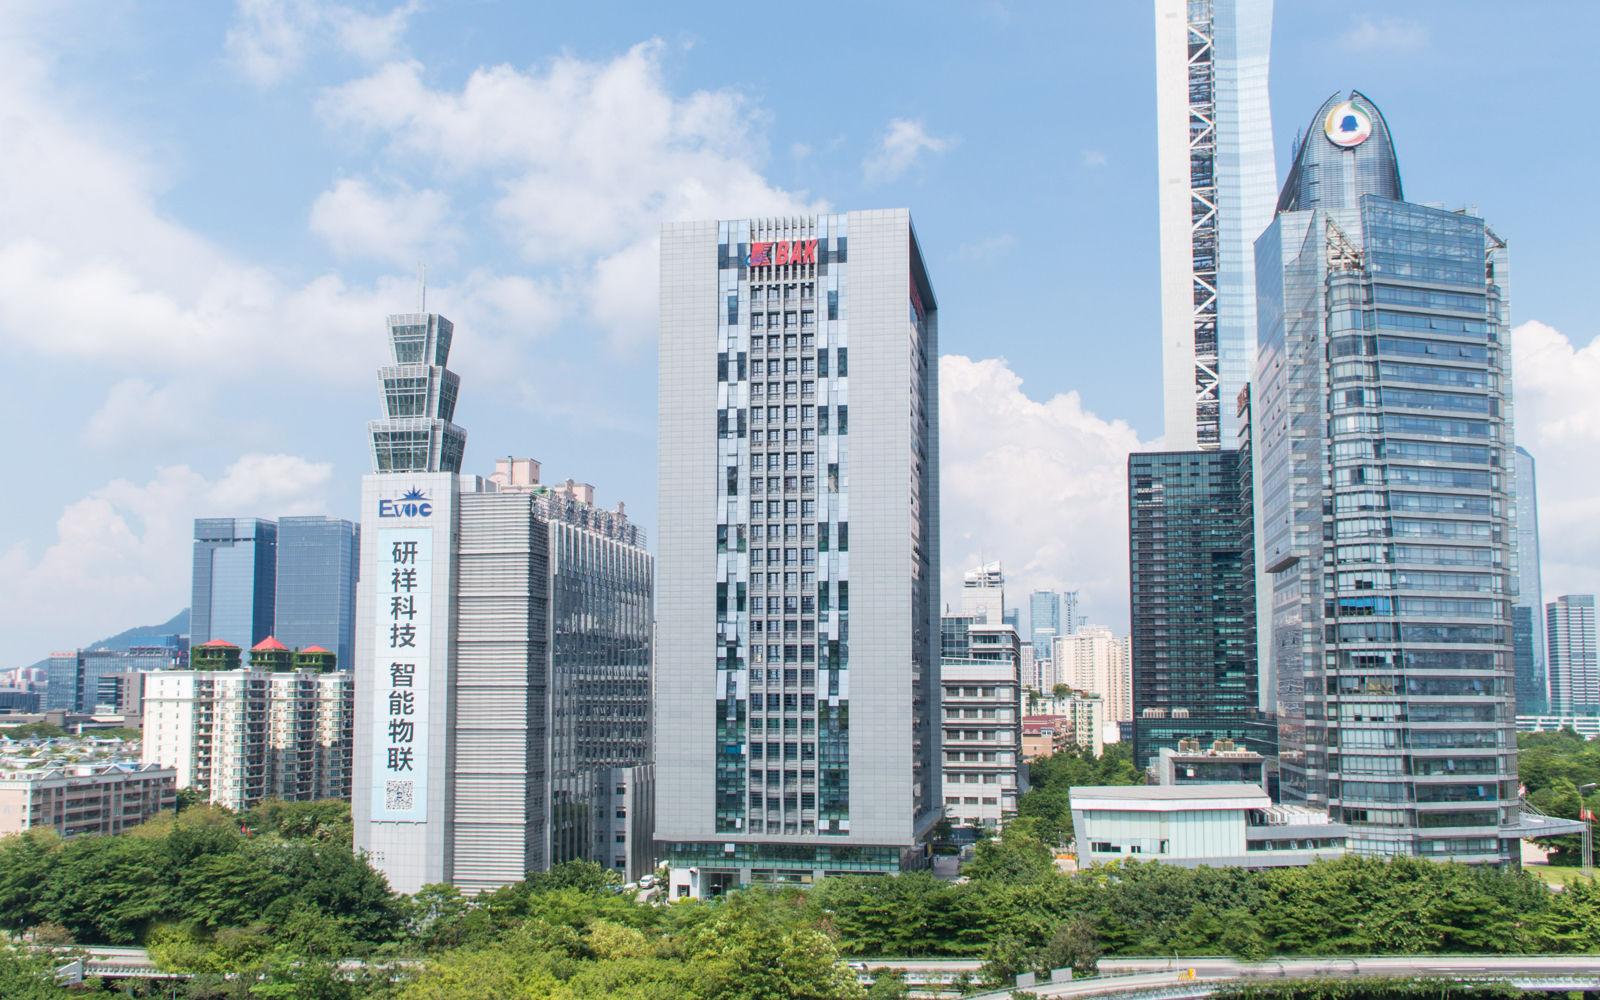 深圳写字楼:入驻前海企业最高减免租金150万元-咚咚租